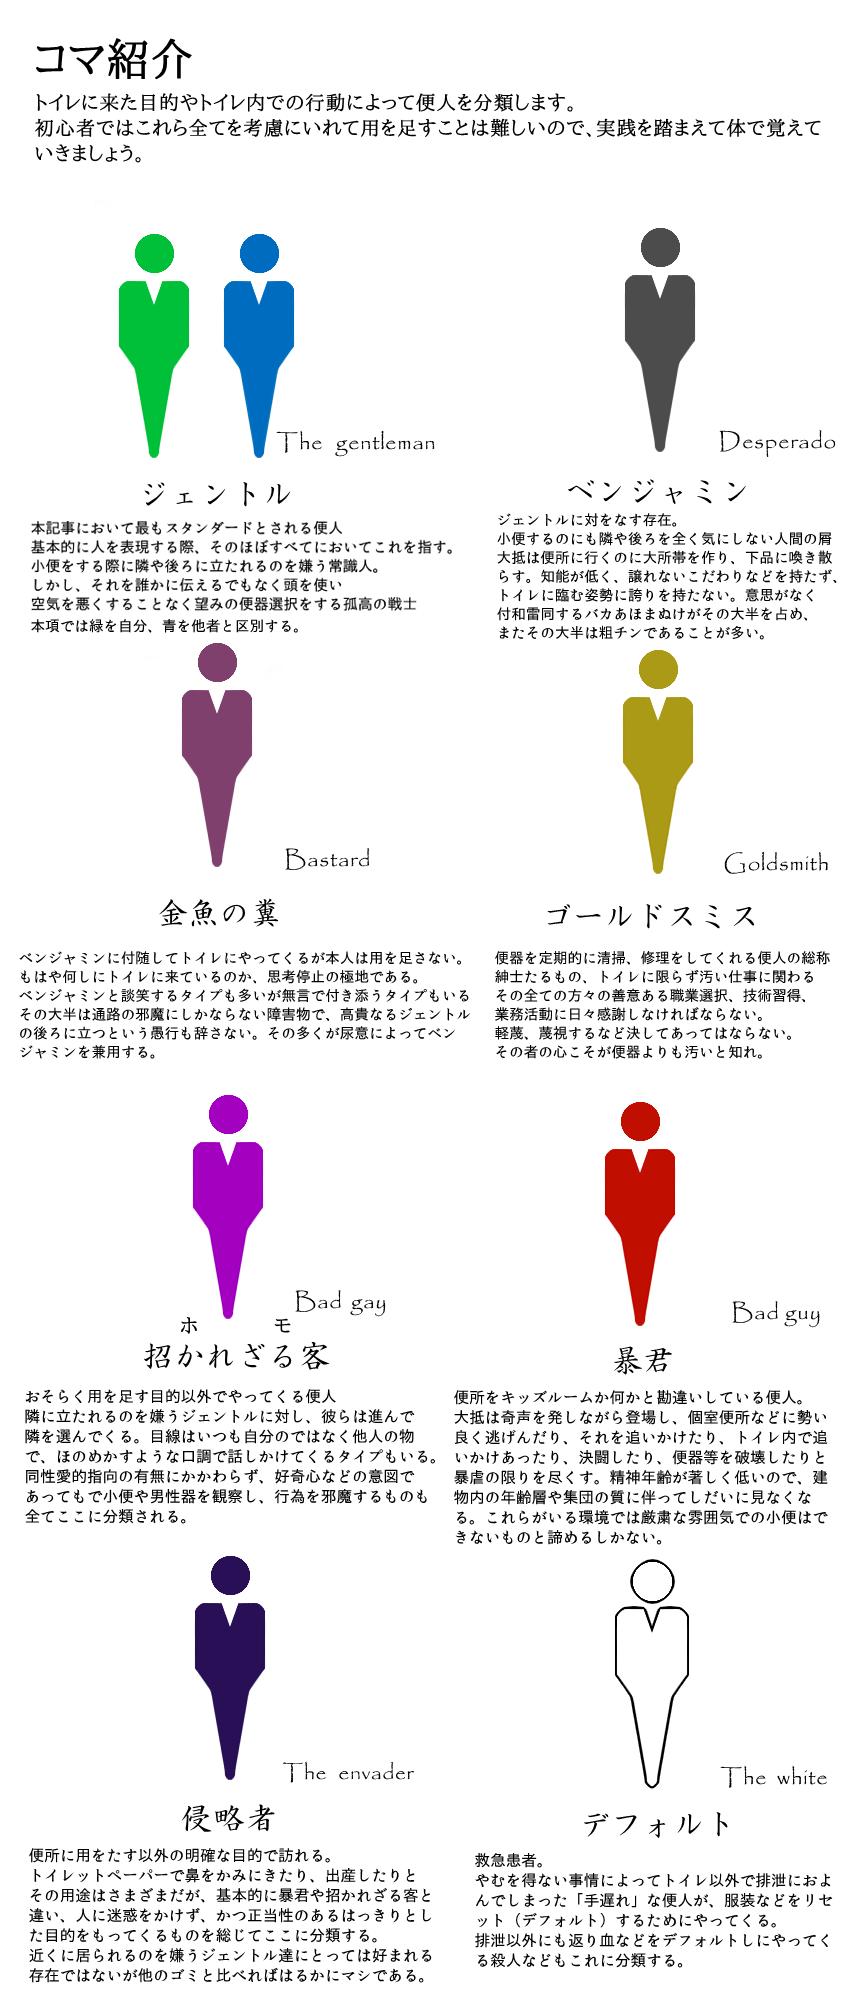 f:id:zaqmju7:20151214213811p:plain